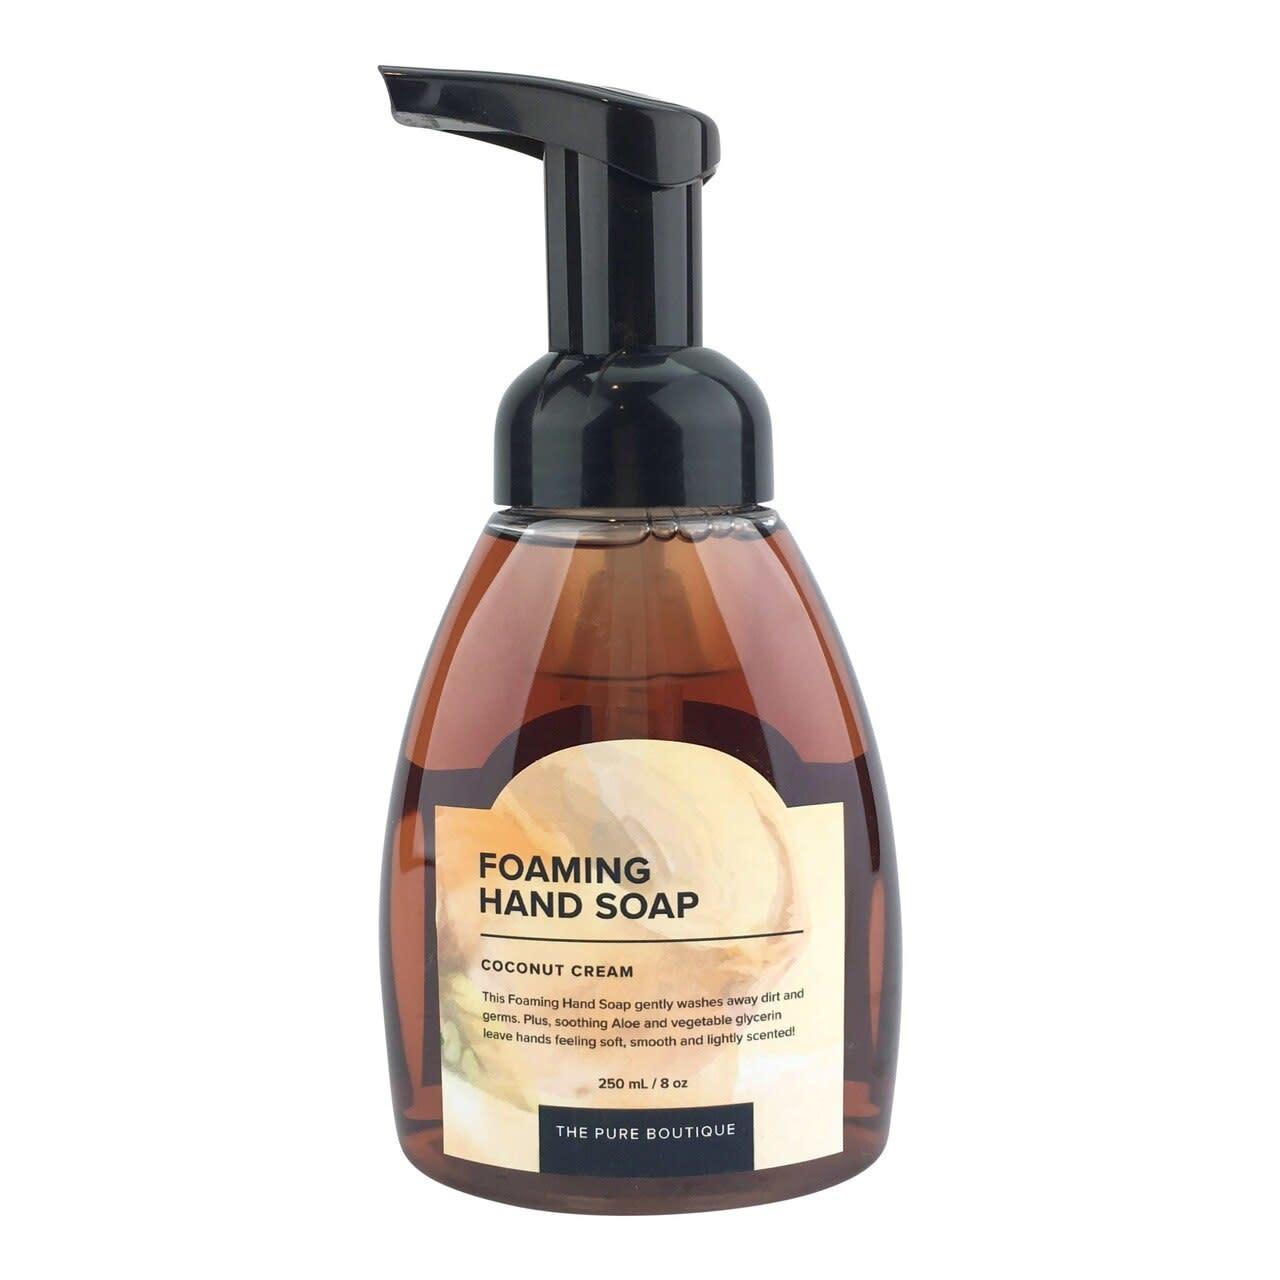 Foaming Hand Soap - Coconut Cream-1